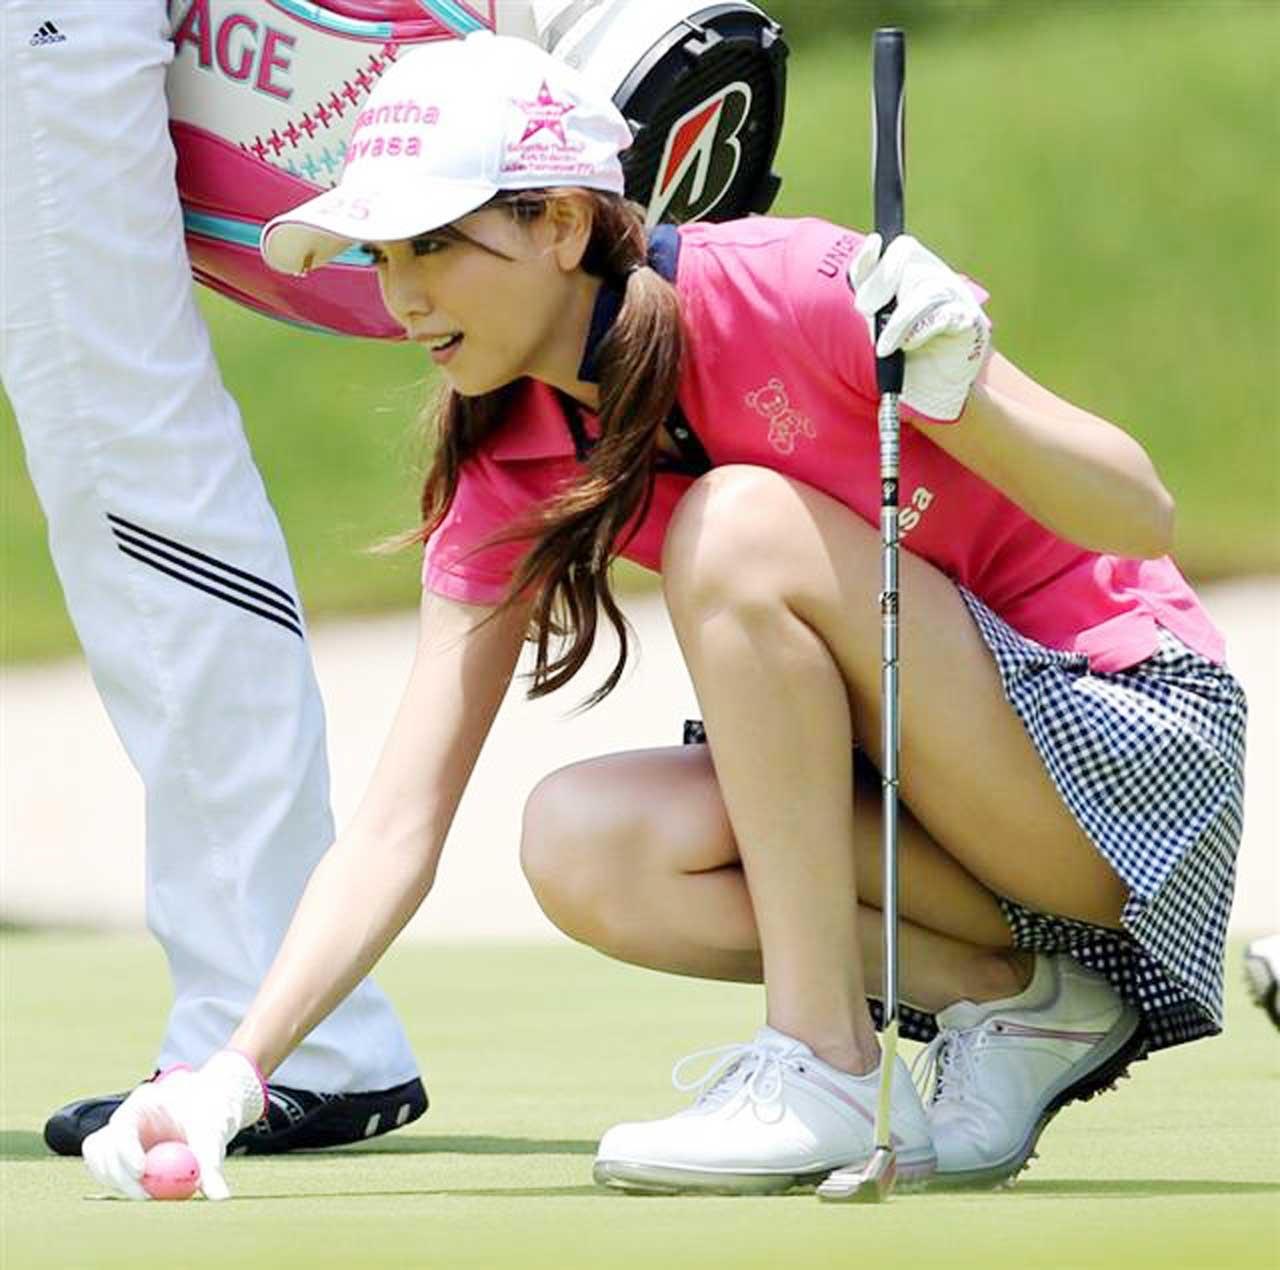 【女子ゴルフエロ画像】どうせアンスコだろ?それでも興奮する女子プロゴルファーの股間!鍛えられた太ももがエロいぜぇwww その11